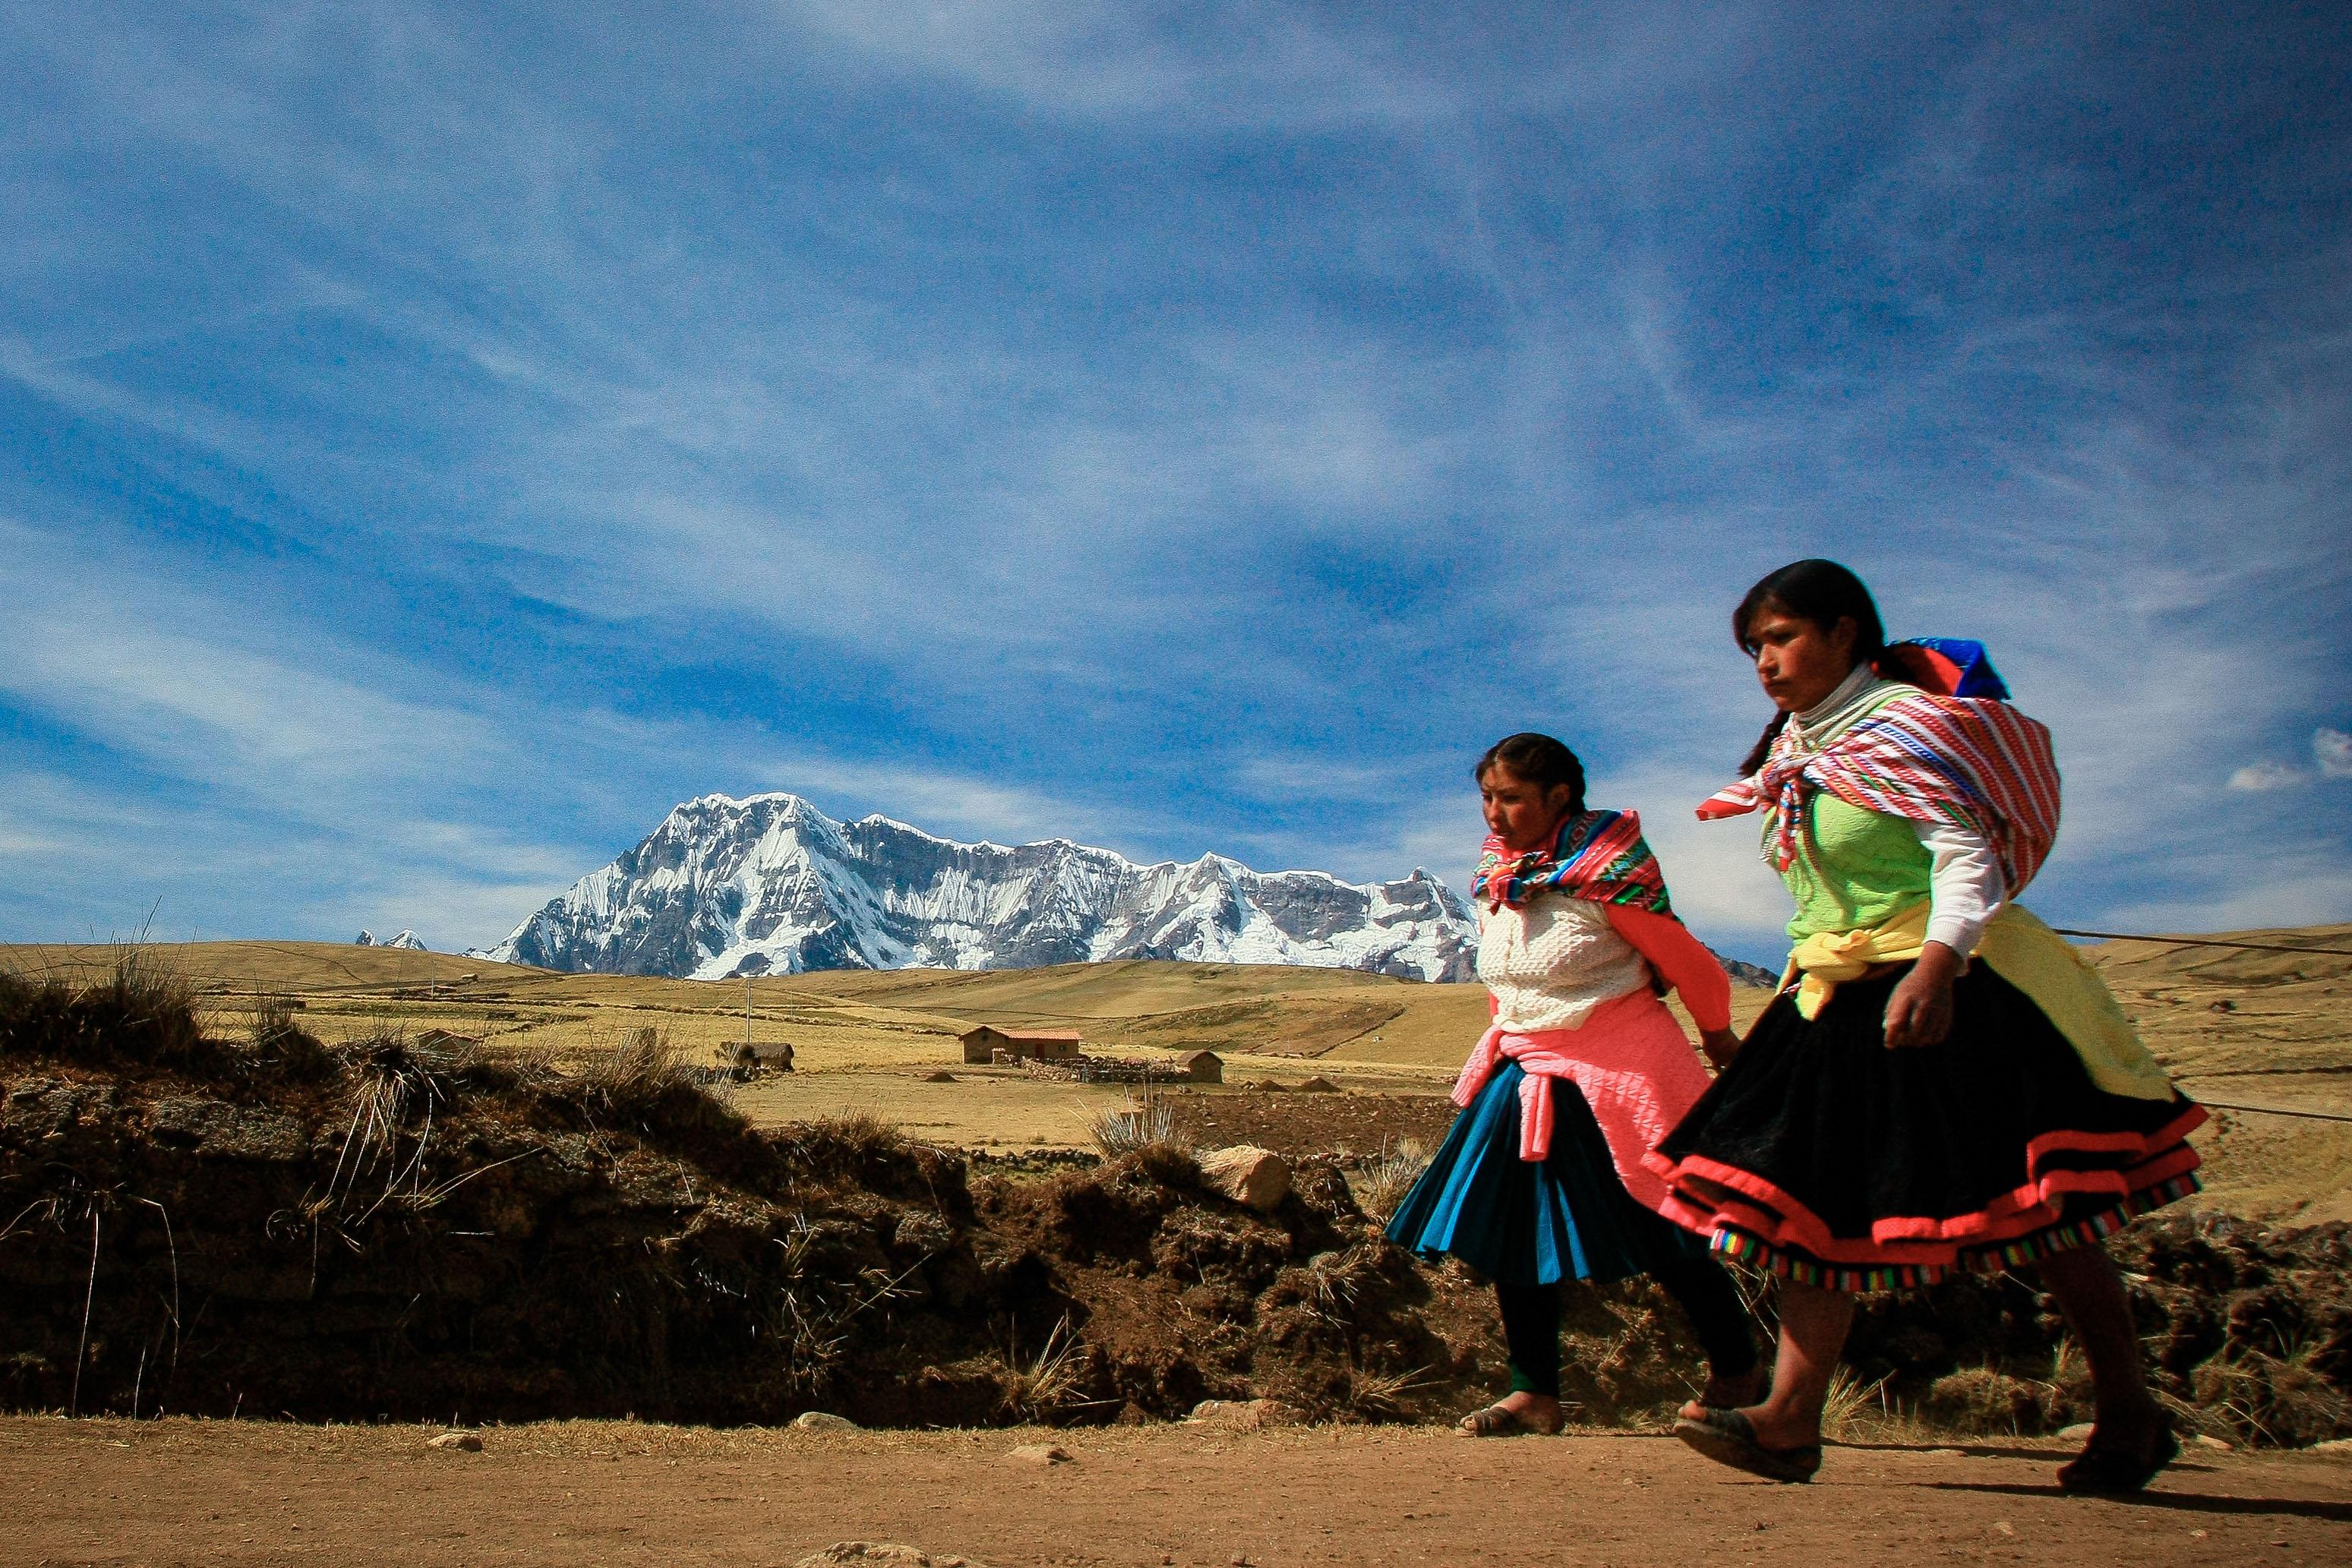 アンデス山麓に暮らすケチュア族の女性